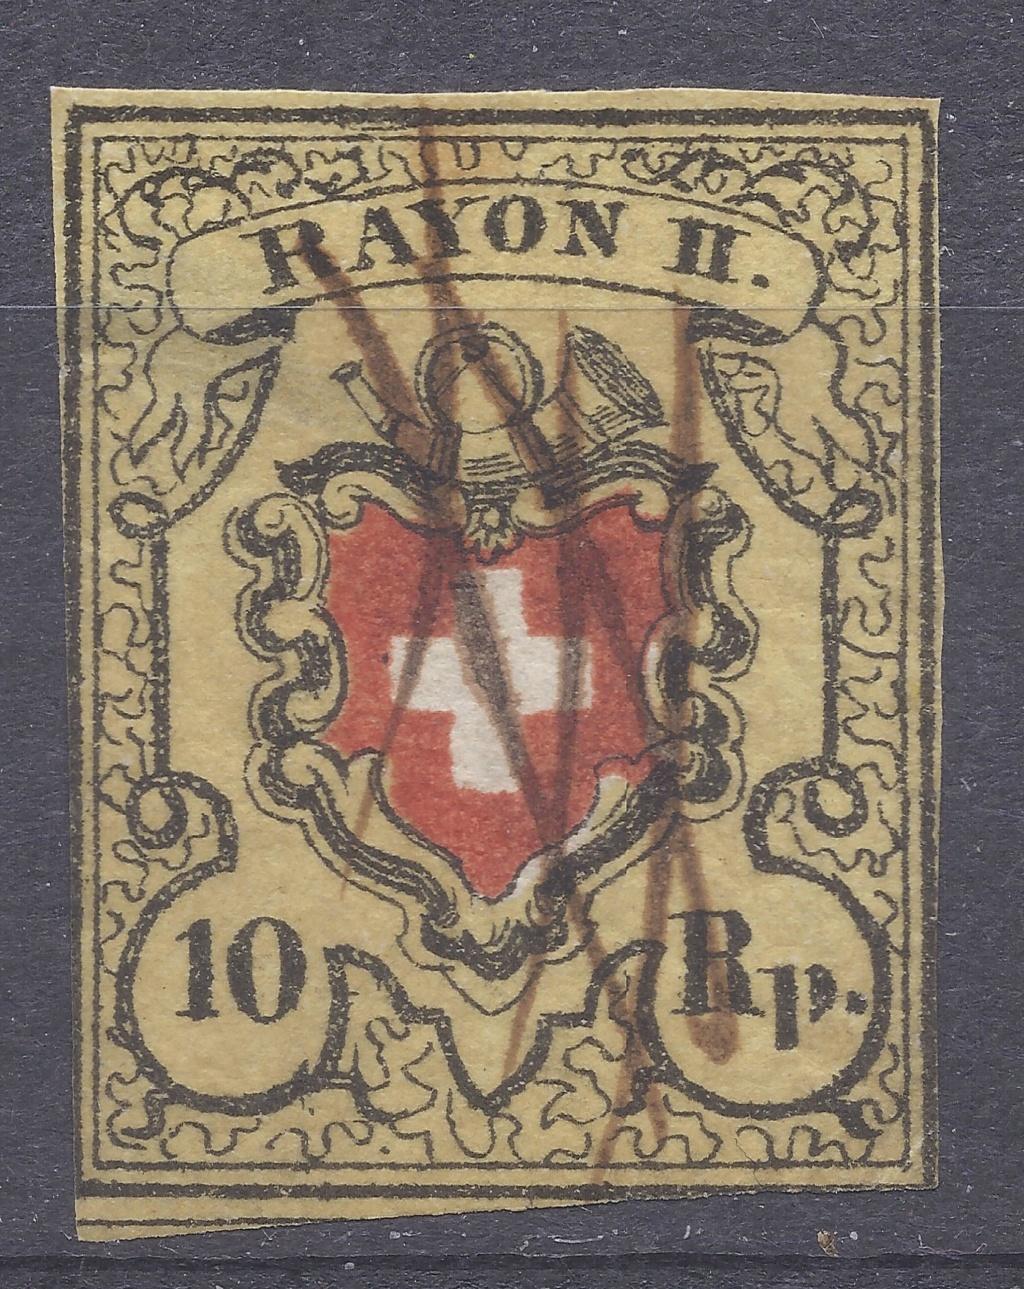 Plattierung Rayon-II Rii-t211